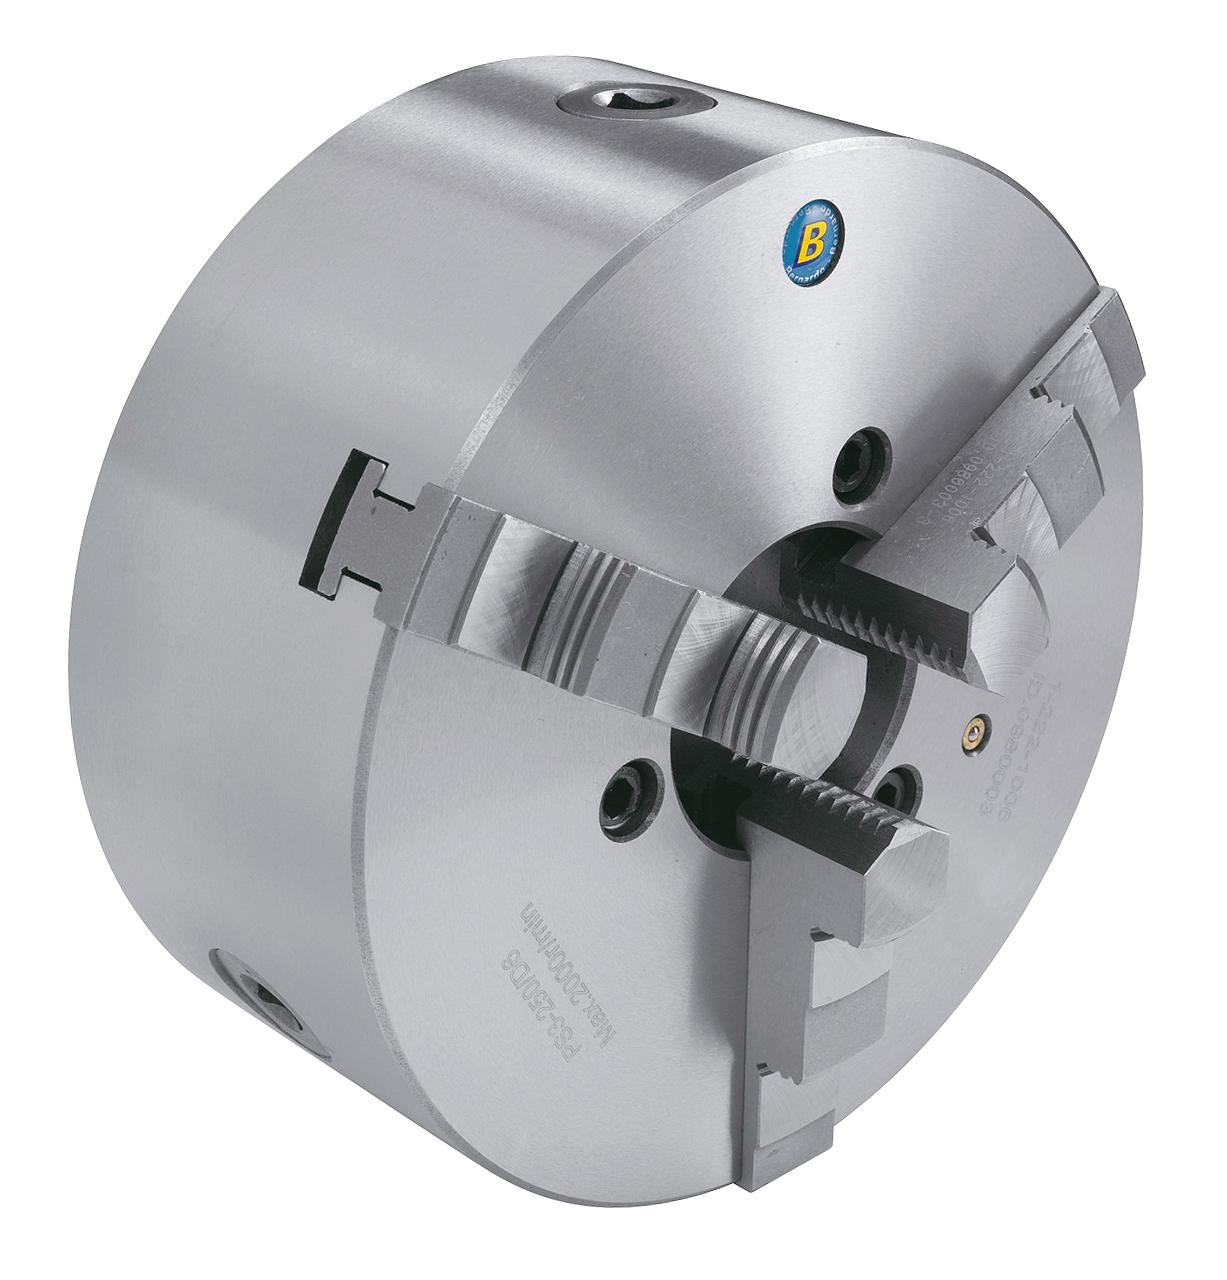 Uchwyt tokarski 3-szczękowy Bernardo PS3-D zgodnie z DIN 55029, PS3-500/D11, żeliwny BERNARDO